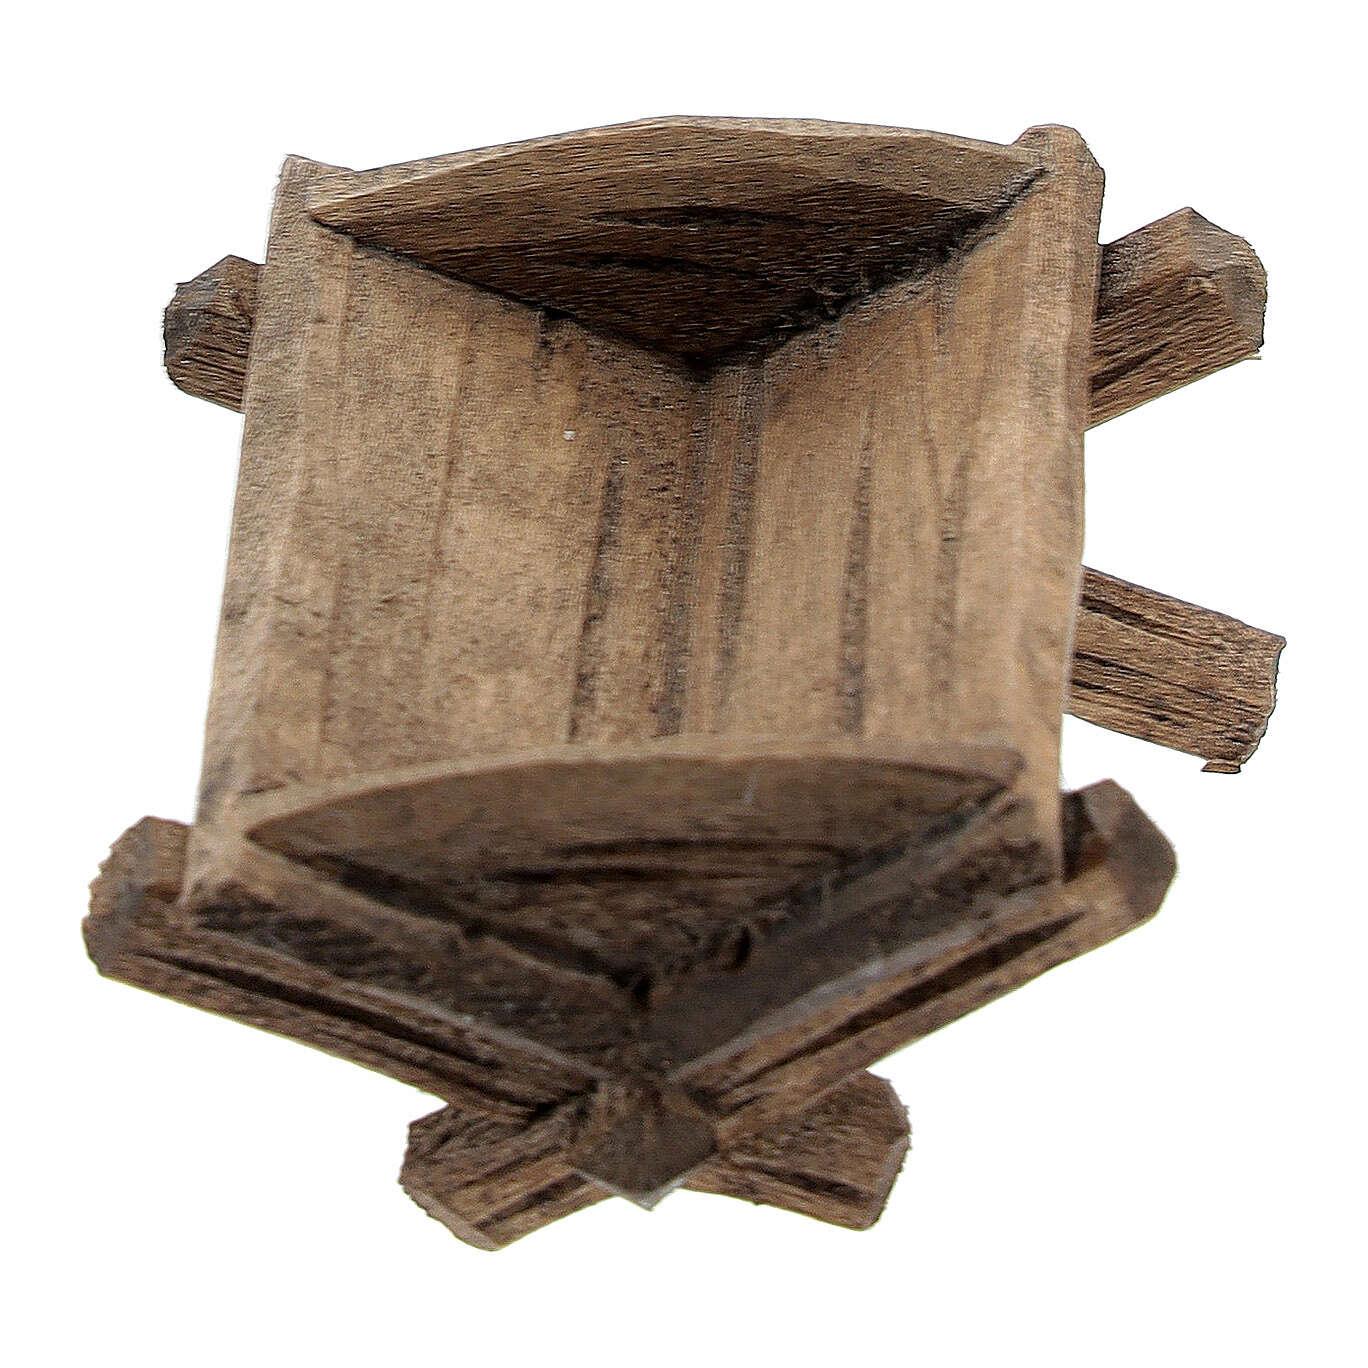 Culla semplice Gesù bambino legno dipinto presepe Rainell 9 cm 4